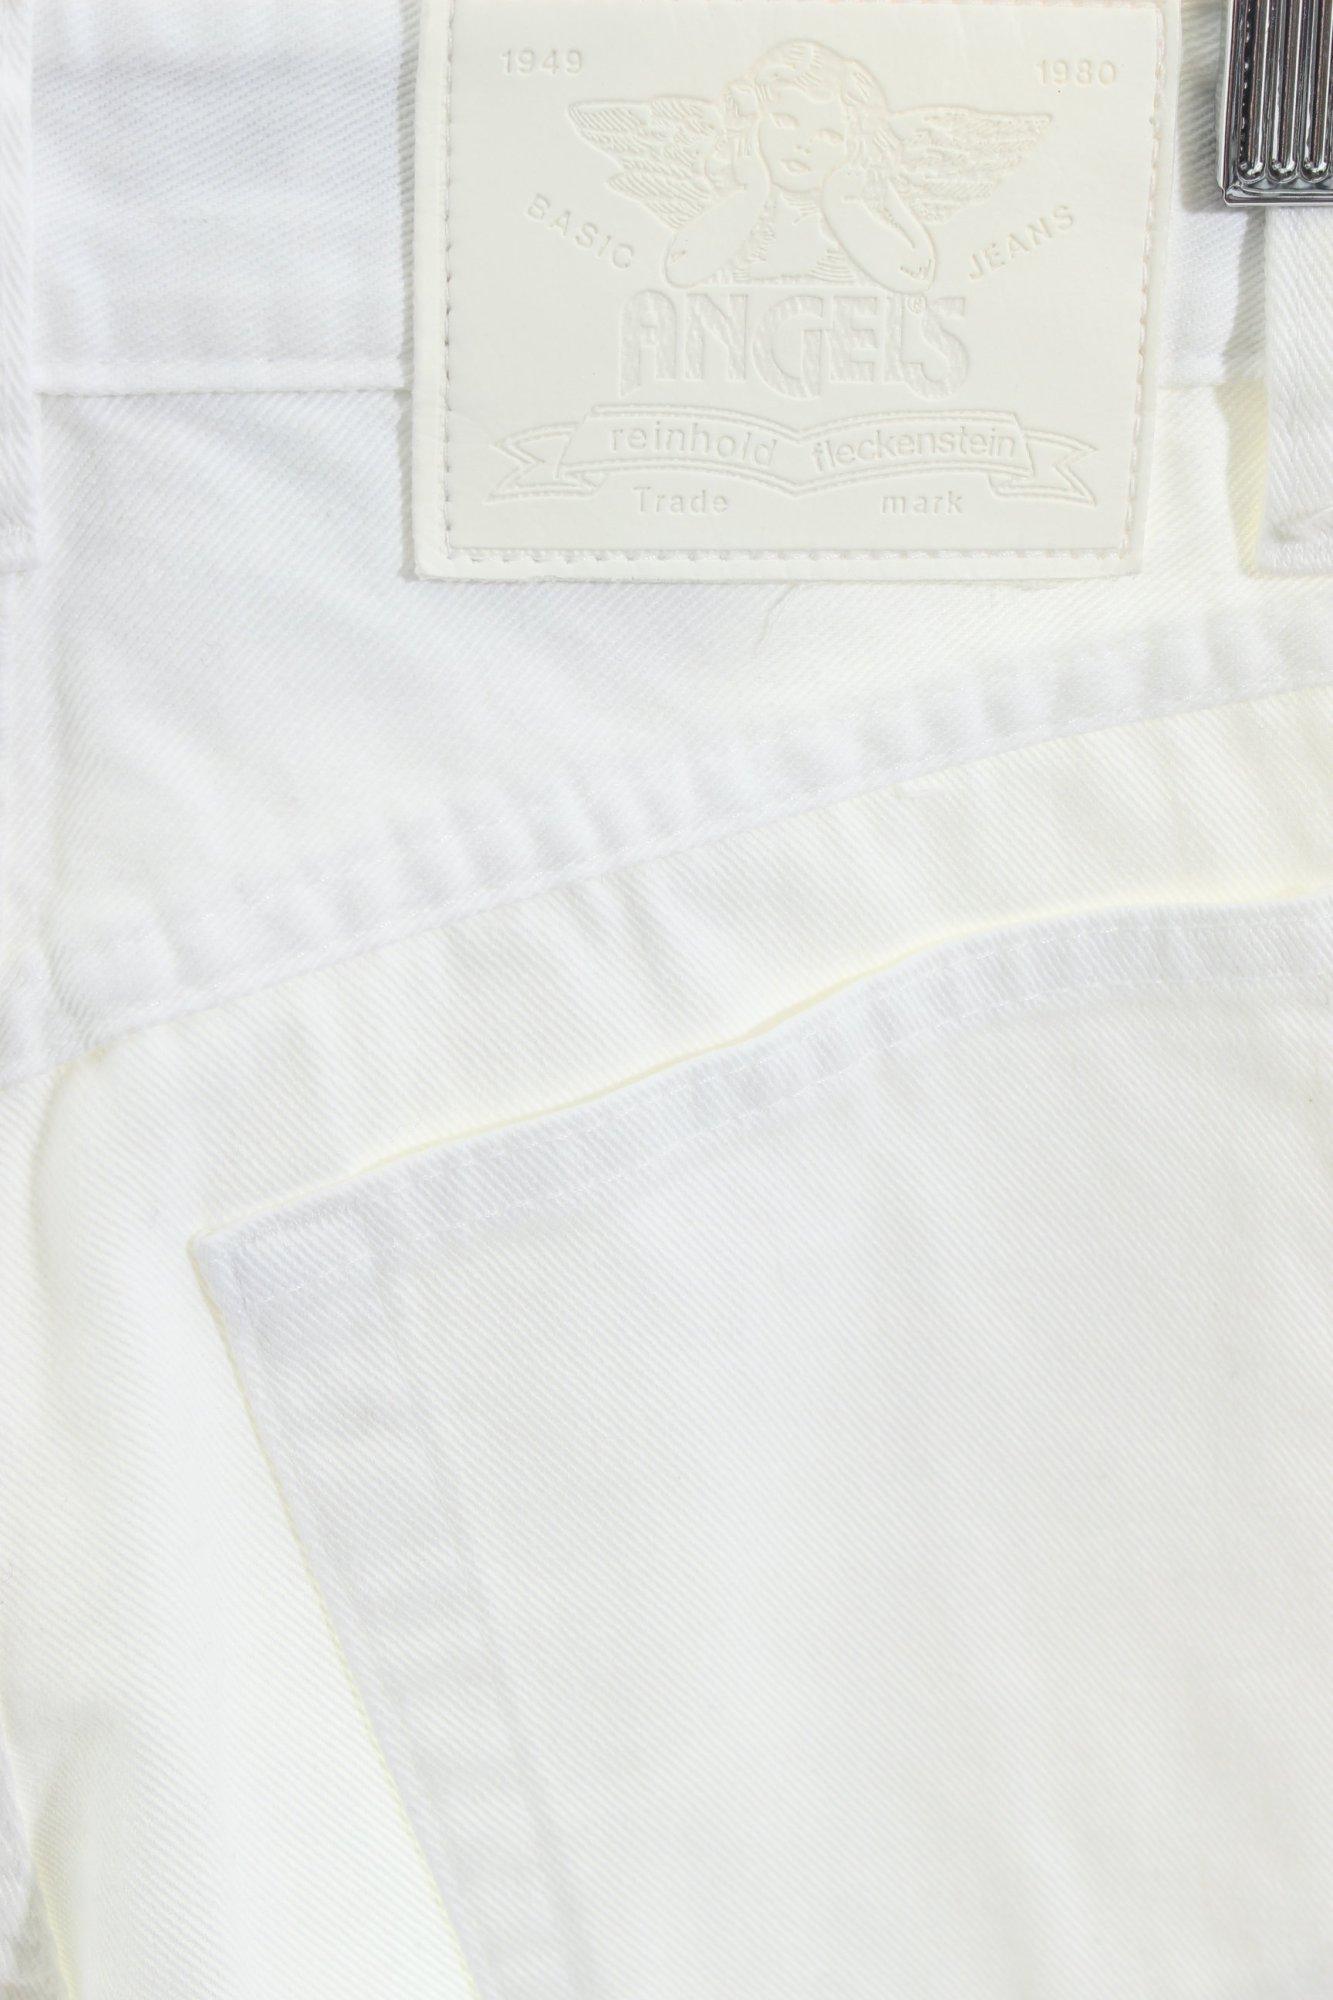 ANGELS-Pantalon-taille-haute-blanc-style-retro-Dames-T-36-coton